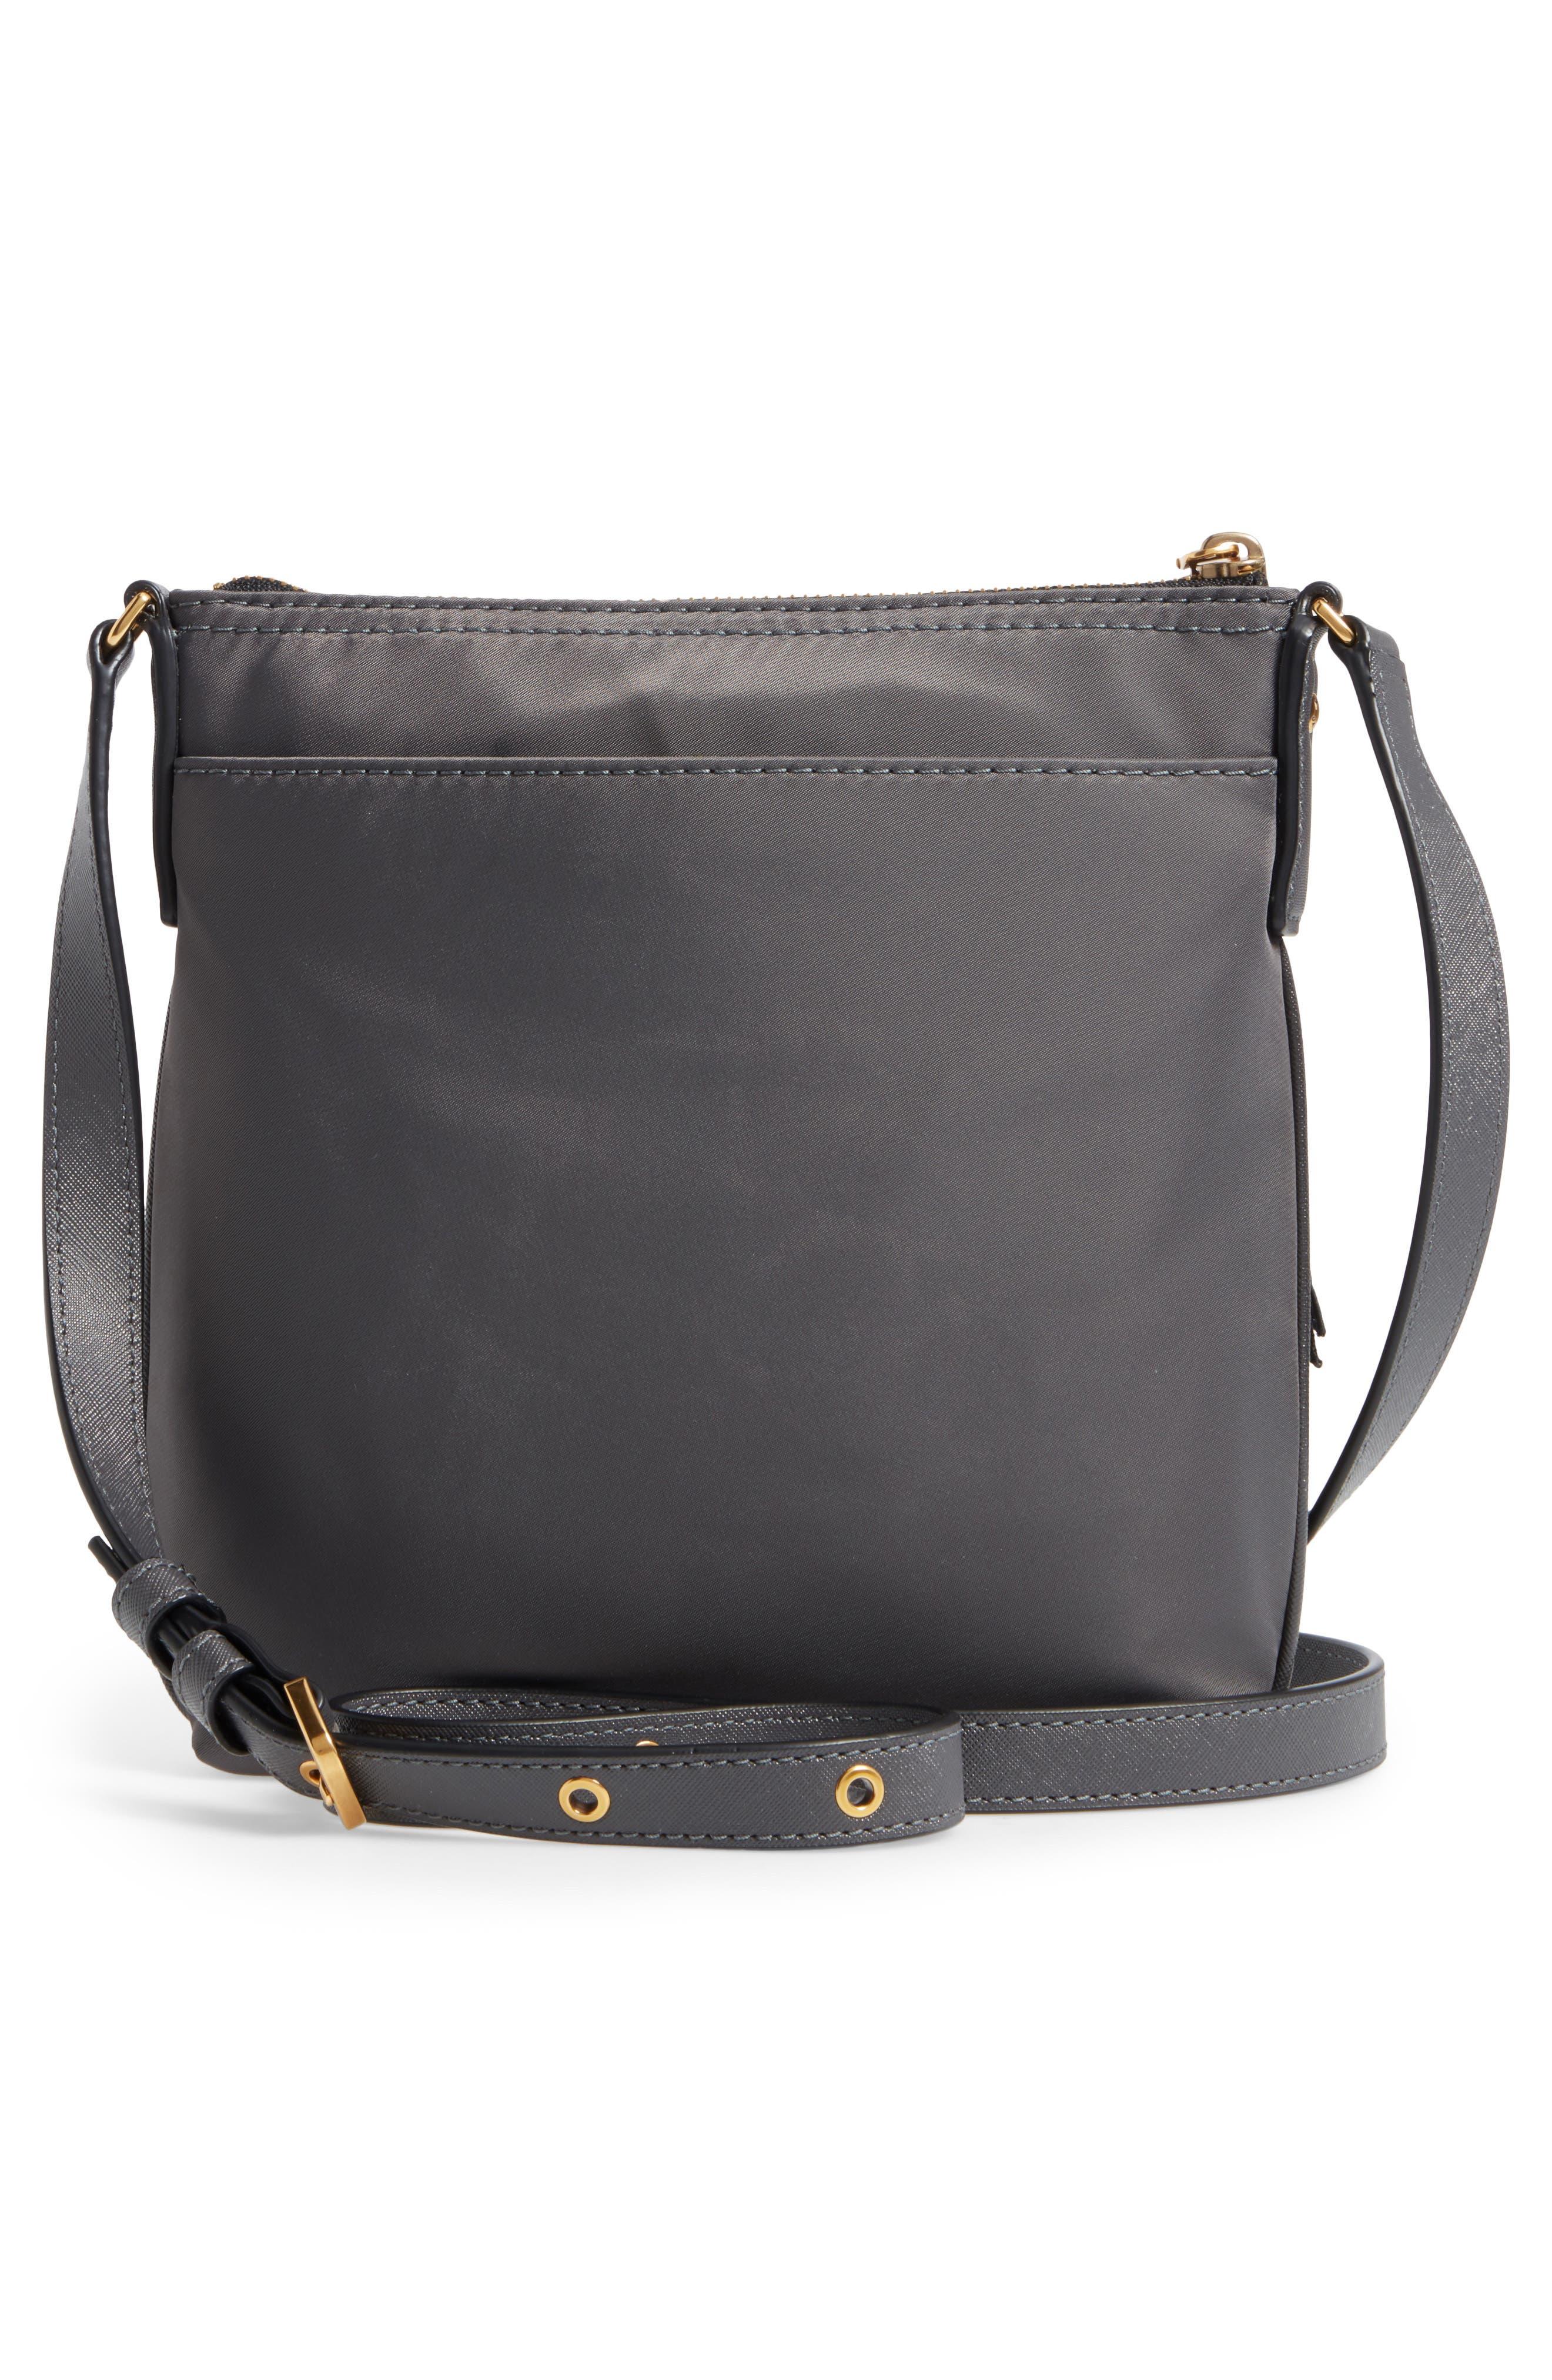 Trooper Nylon Crossbody Bag,                             Alternate thumbnail 3, color,                             022